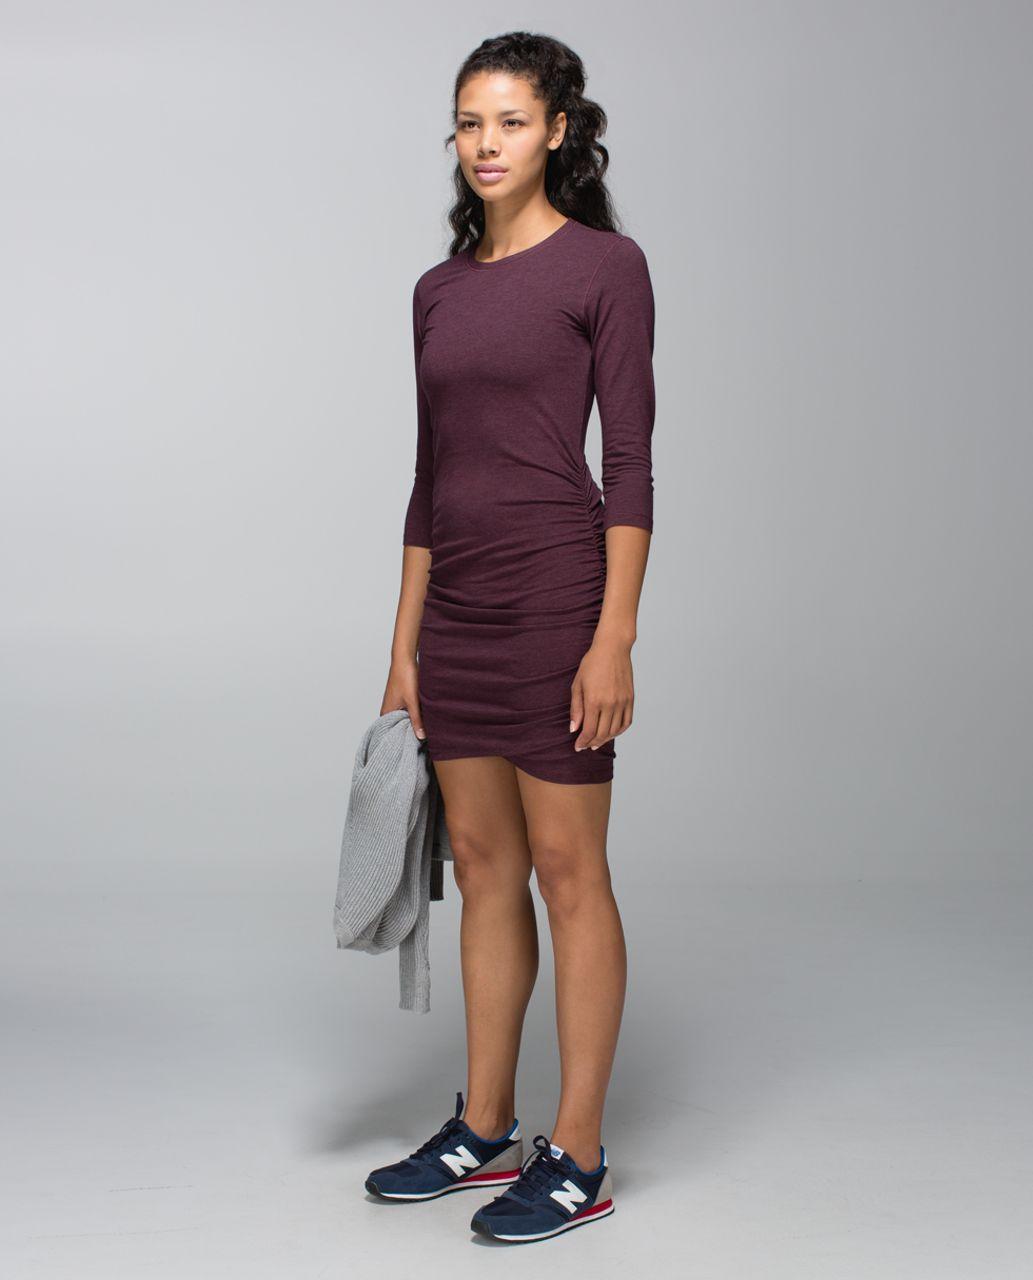 Lululemon Anytime Dress - Heathered Bordeaux Drama